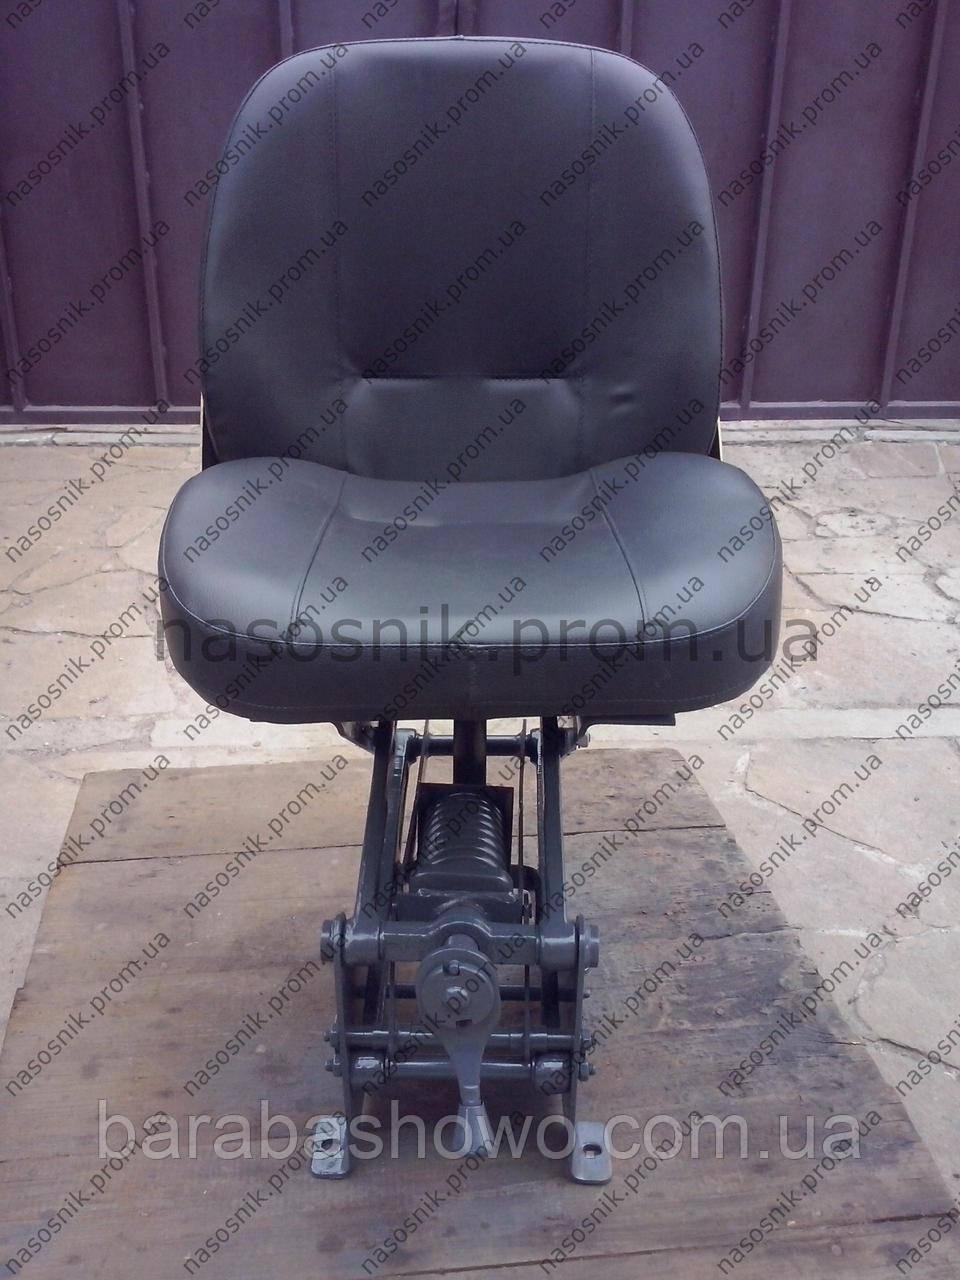 151.44.001-3-01 Сиденье кабины Т-150 водительское, ХТЗ